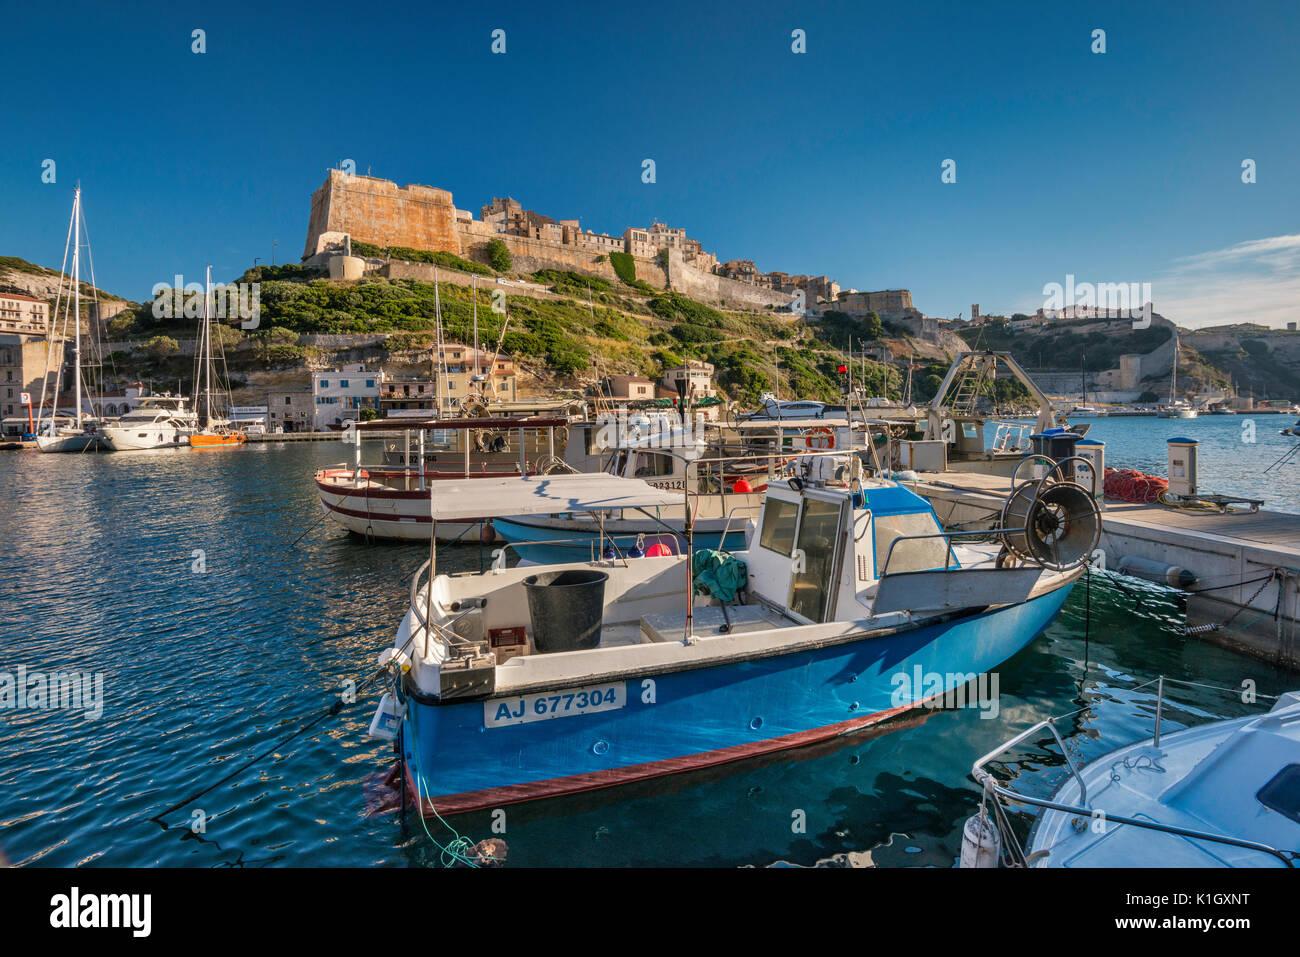 Citadelle, boats at marina at port, at sunset in Bonifacio, Corse-du-Sud, Corsica, France - Stock Image